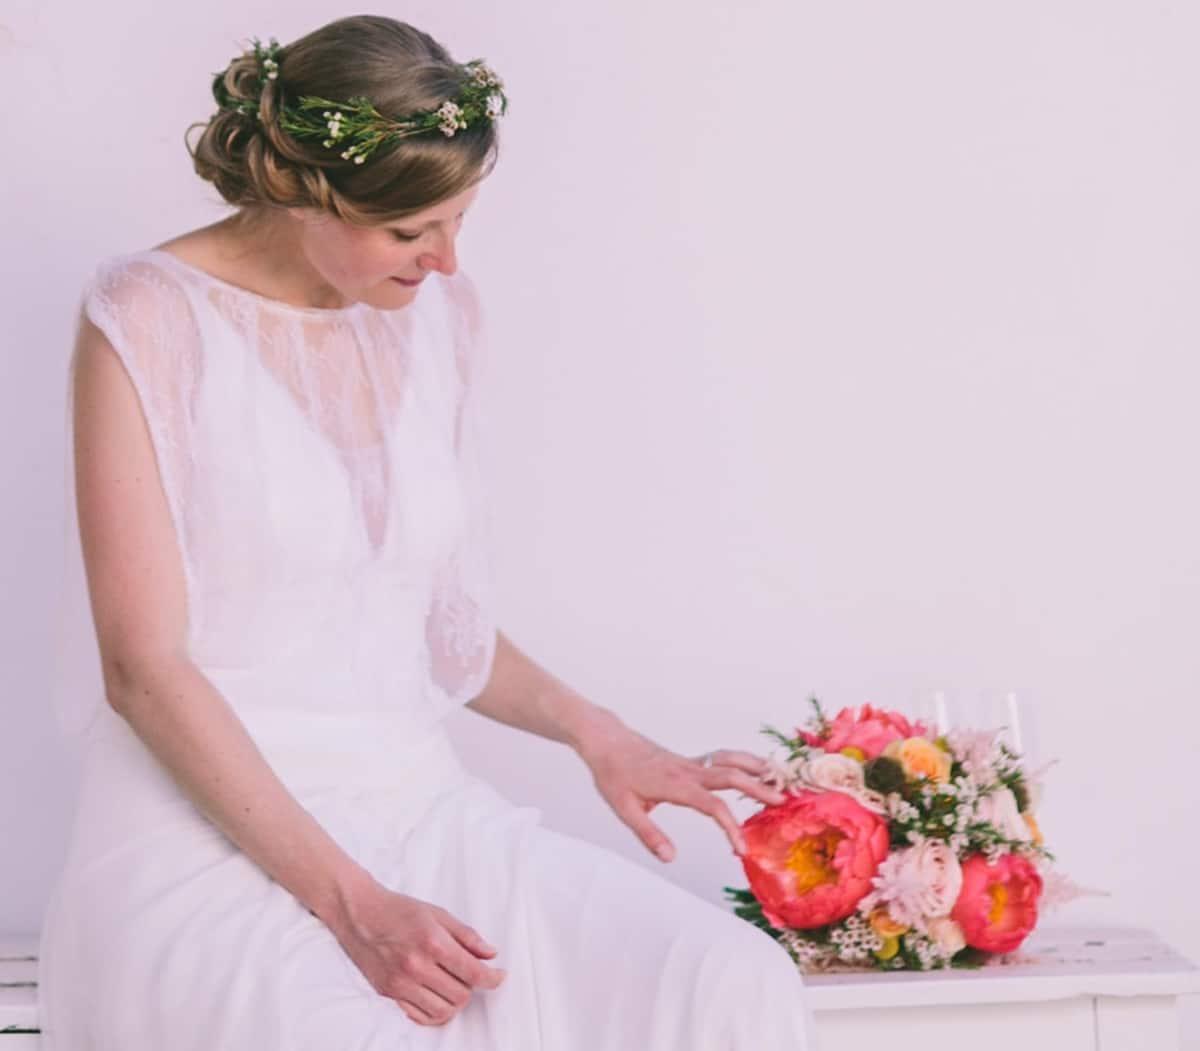 Διάλεξε τα λουλούδια, σύμφωνα με το στυλ του γάμου σου